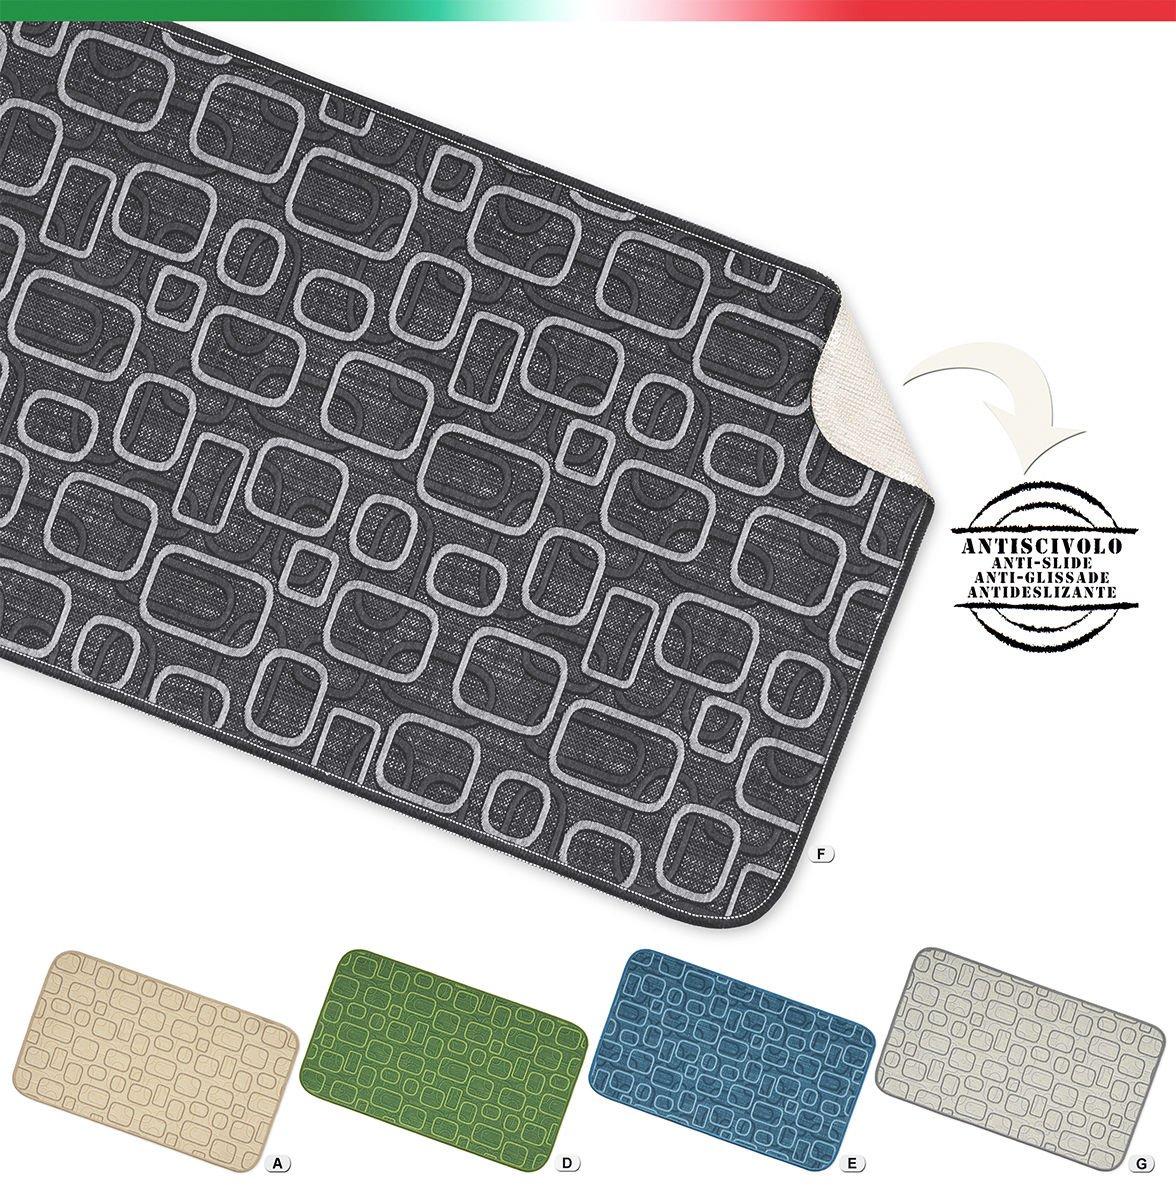 Tappeto cucina bagno camera multiuso moderno in 8 misure retro antiscivolo mod.LAMI1 54X10 BEIGE (A) EMMEVI